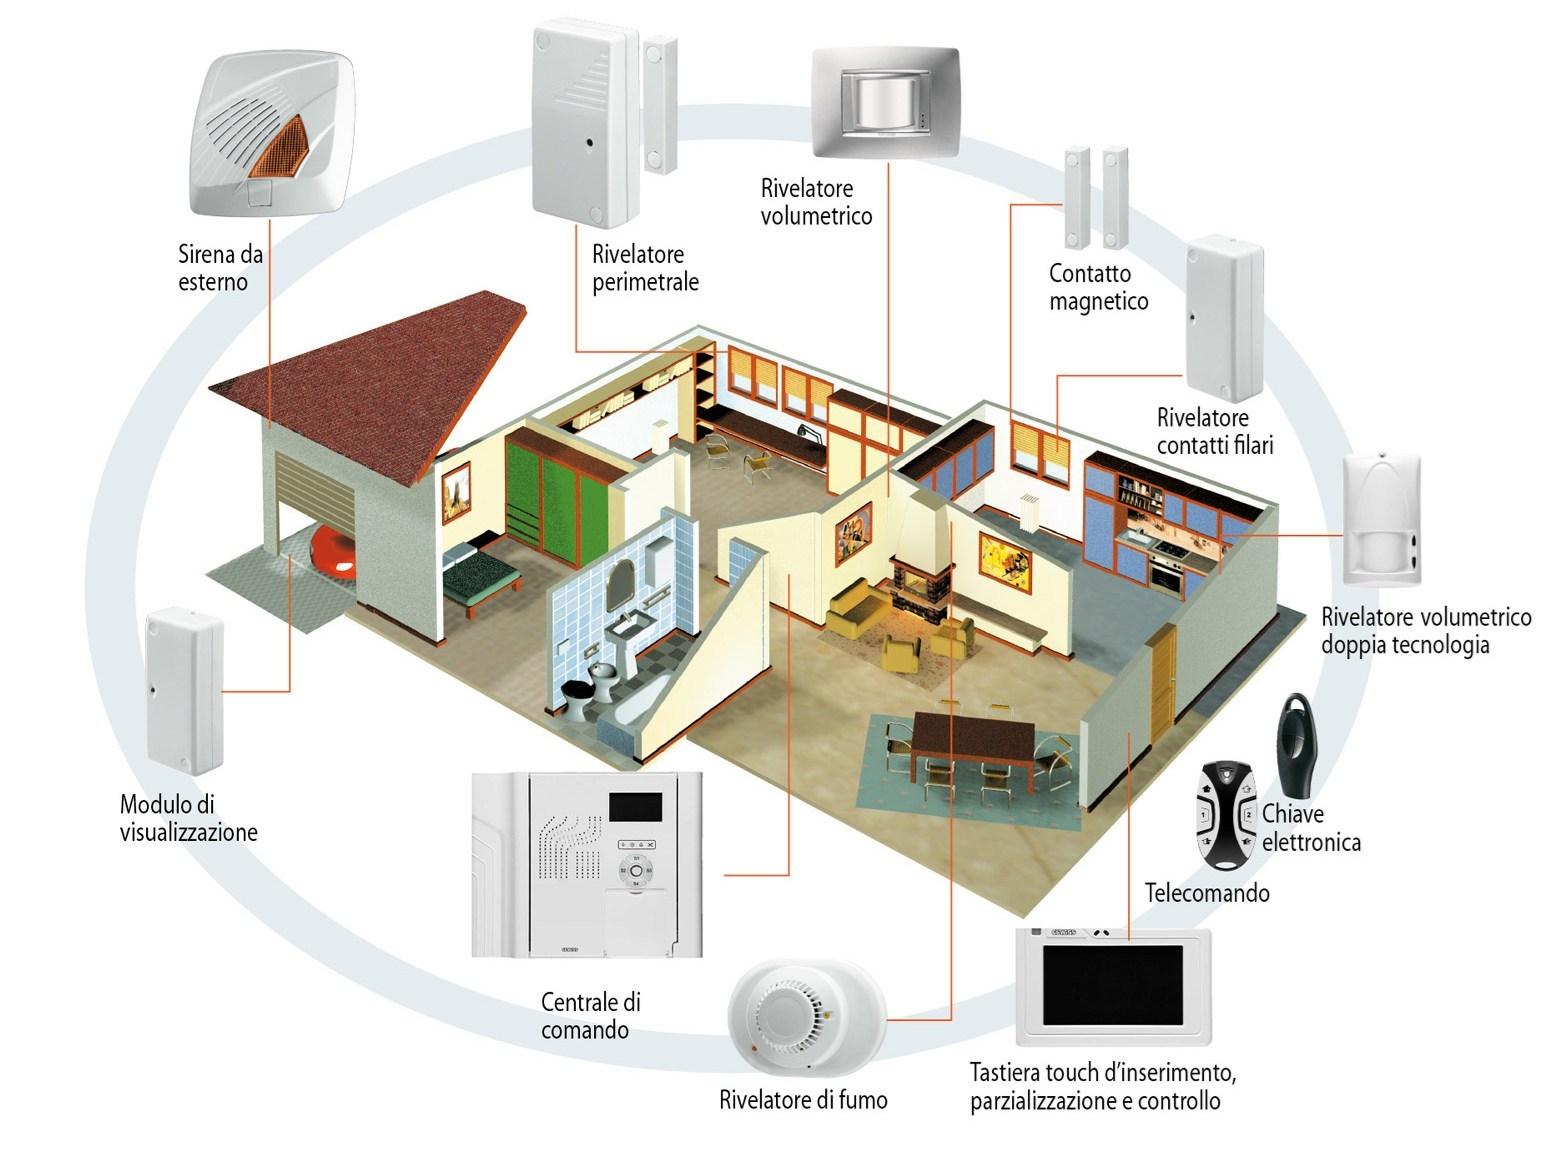 Impianti allarme e sicurezza fornitura e assistenza asc - Sistema allarme casa ...